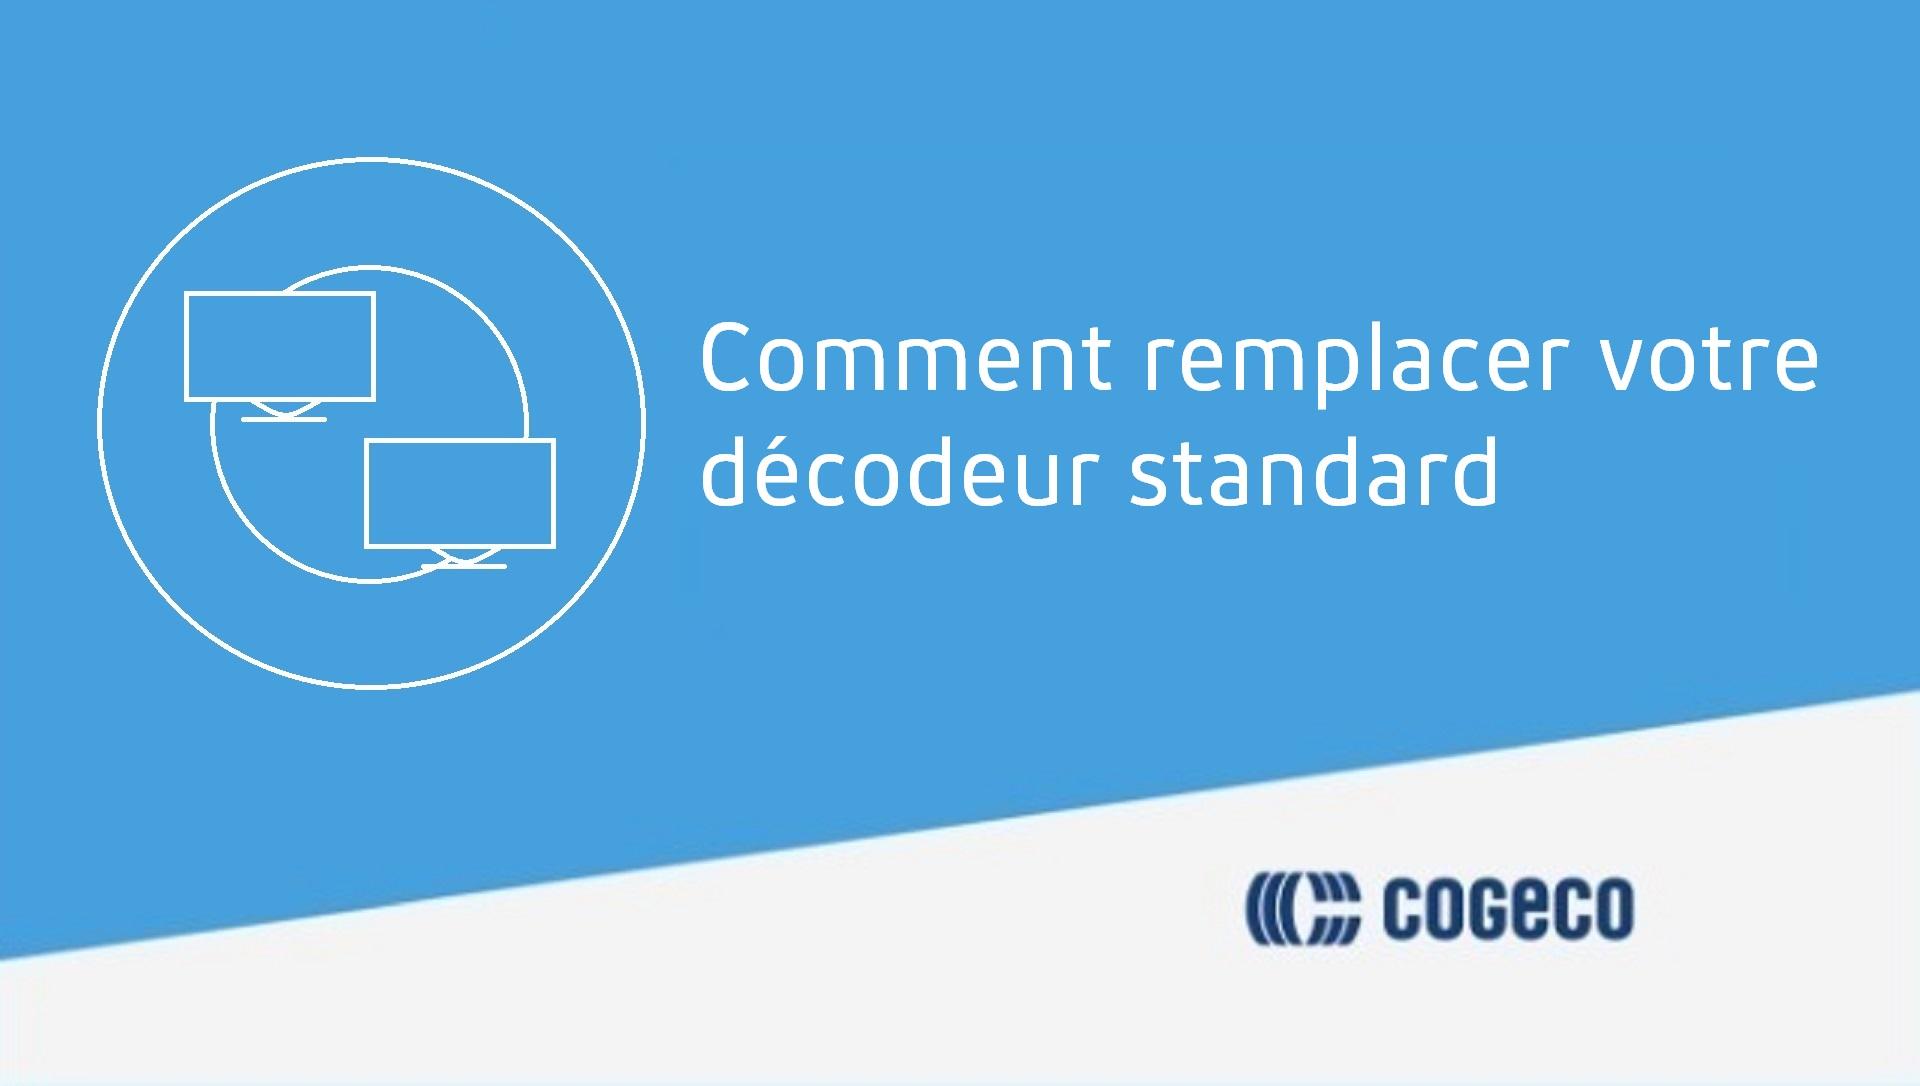 Comment remplacer votre décodeur standard